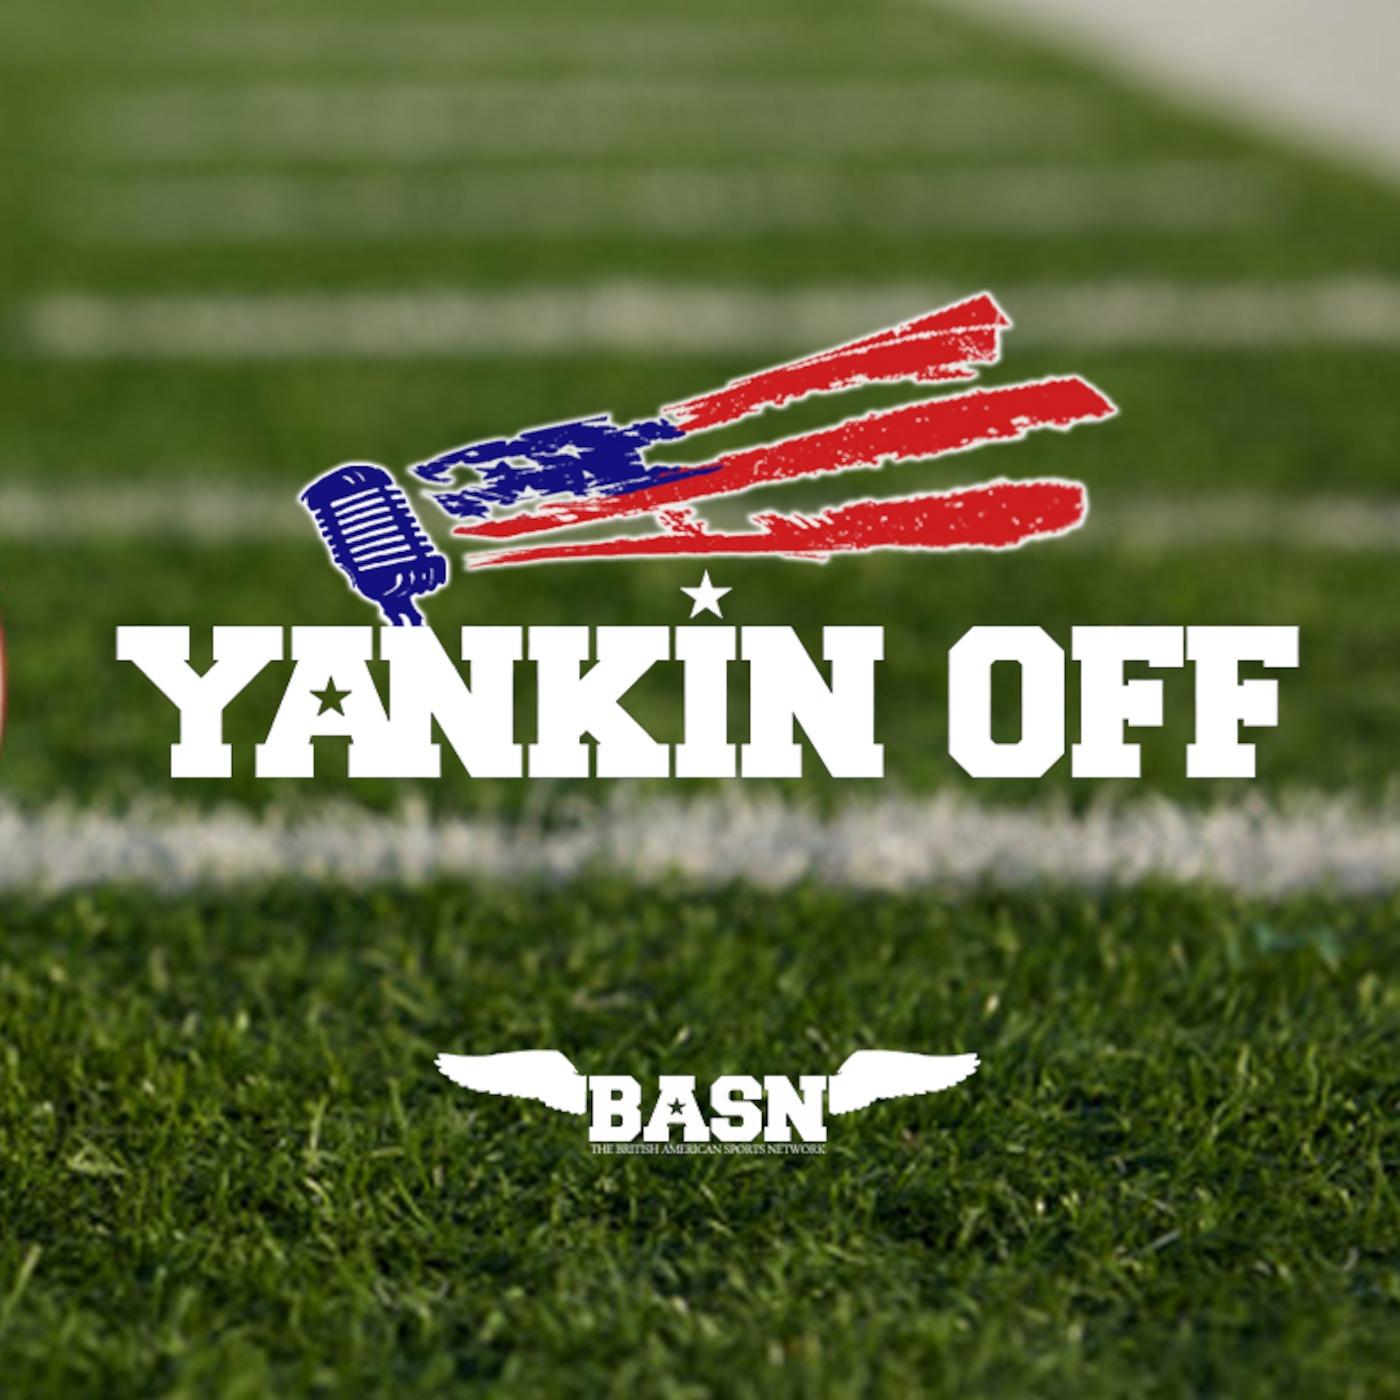 Yankin' Off